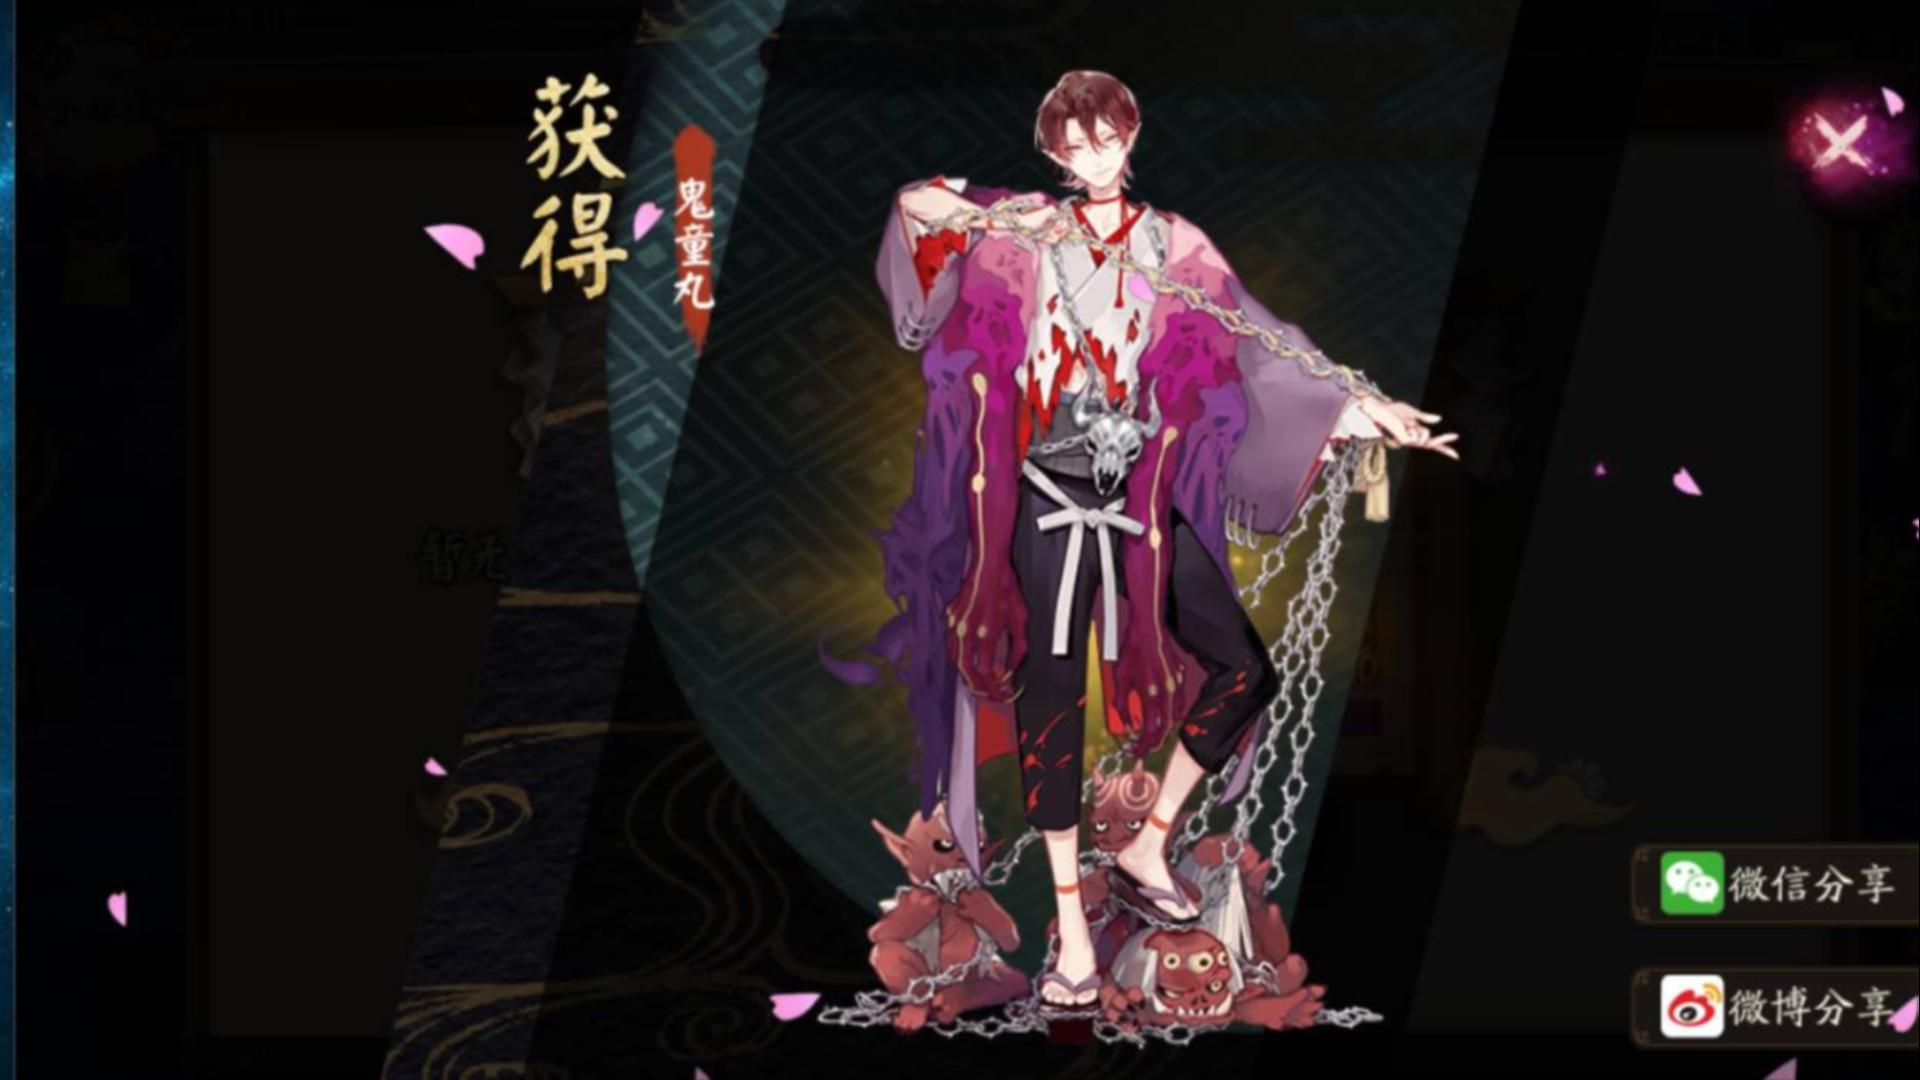 【阴阳师】特邀测试服新SSR·鬼童丸外观技能以及抽卡动画展示~